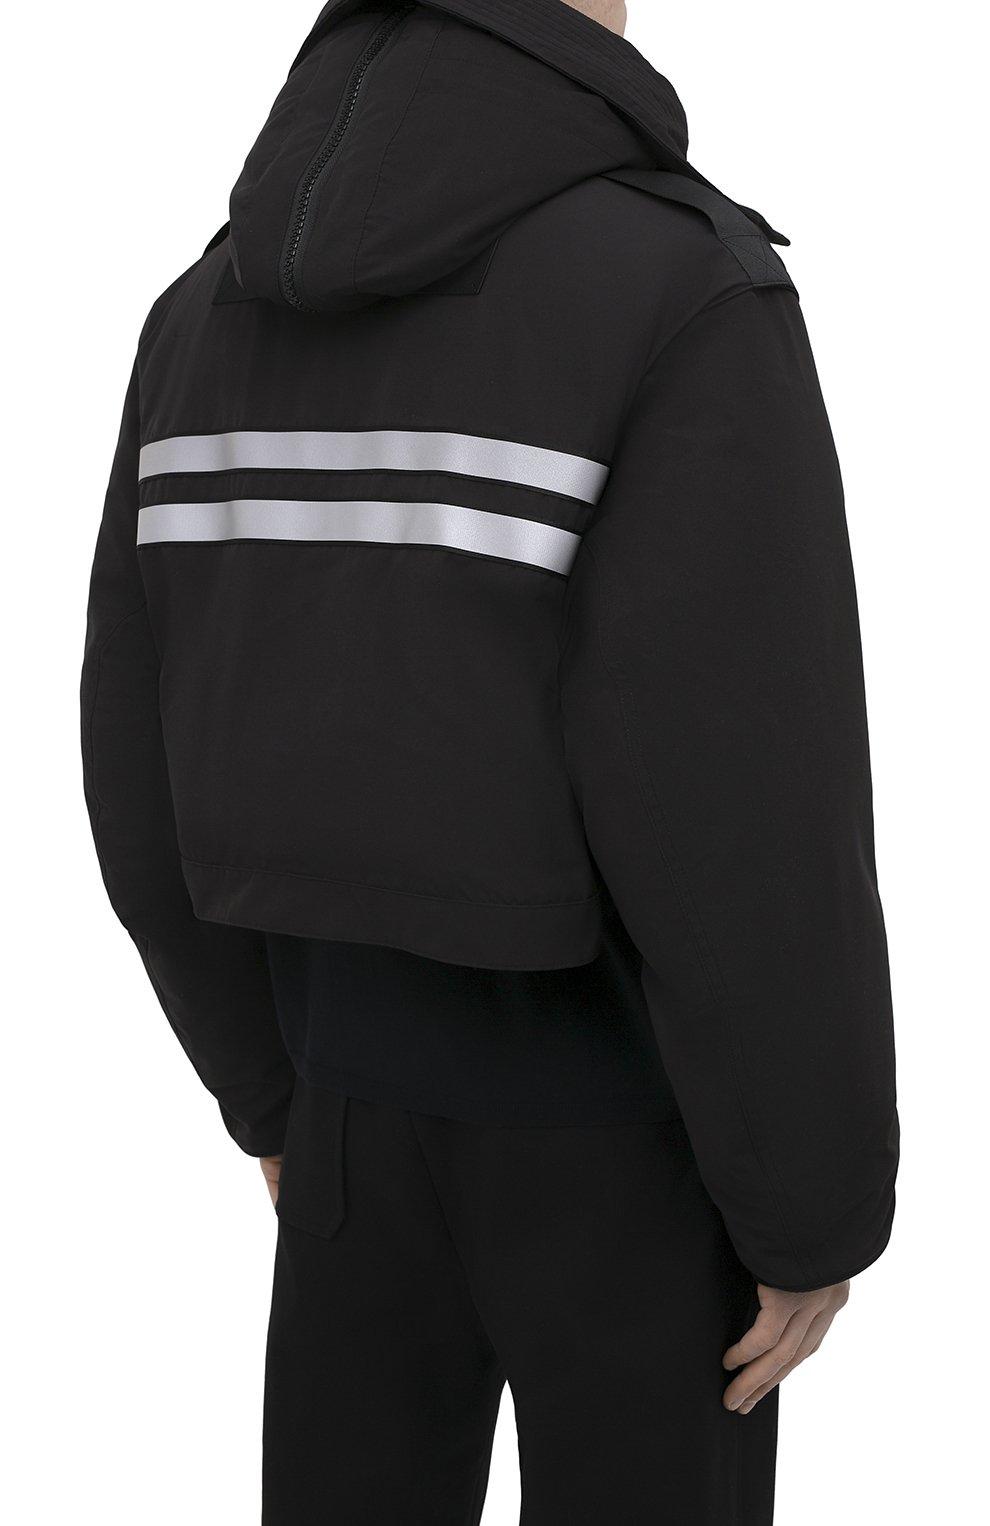 Мужская пуховая парка snow mantra CANADA GOOSE черного цвета, арт. 8800MC   Фото 8 (Кросс-КТ: Куртка; Мужское Кросс-КТ: пуховик-короткий; Рукава: Короткие; Материал внешний: Синтетический материал; Стили: Спорт-шик; Материал подклада: Синтетический материал)